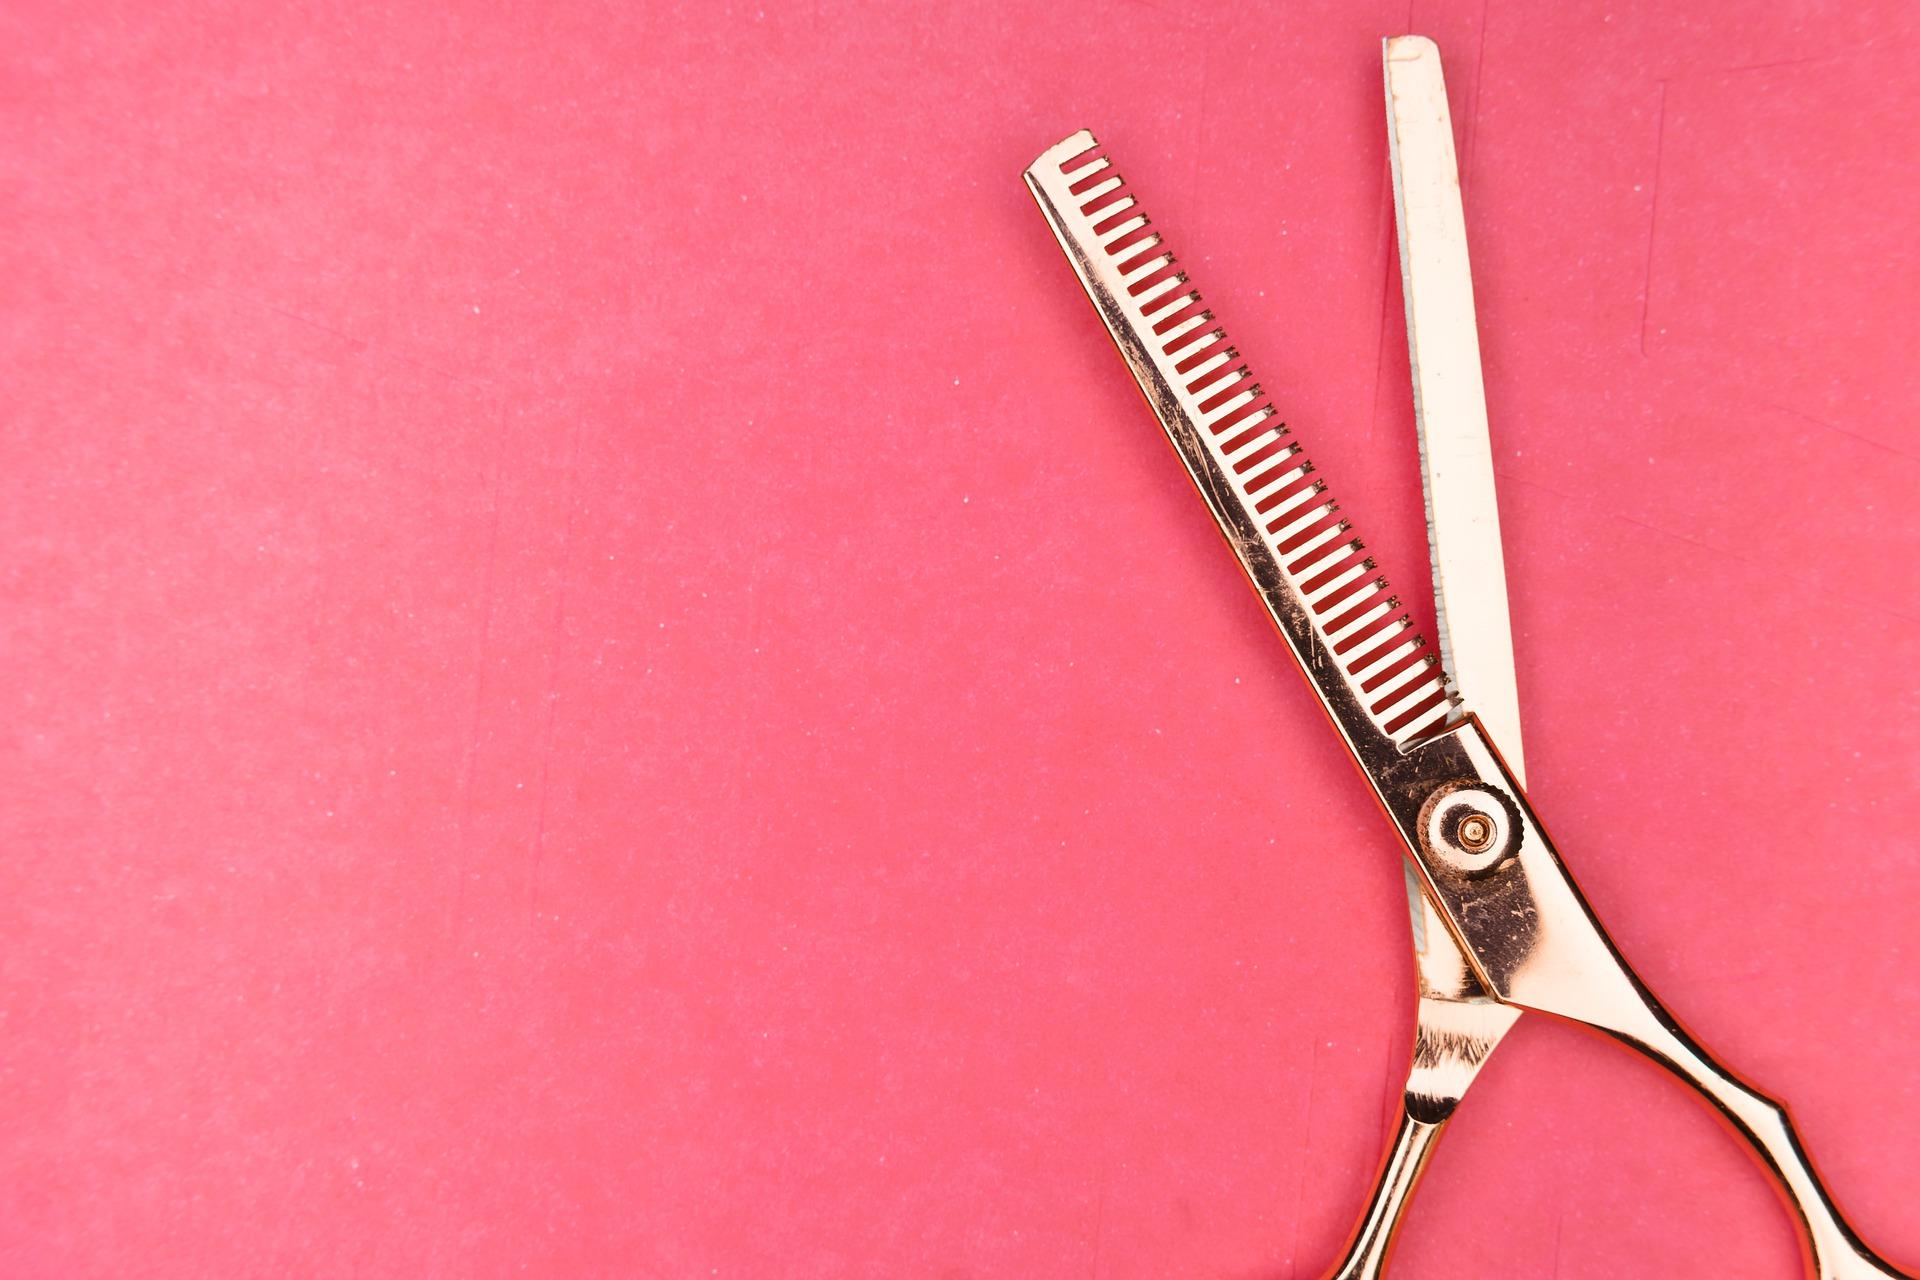 Tesoura de cabeleireiro: Qual a melhor de 2020?